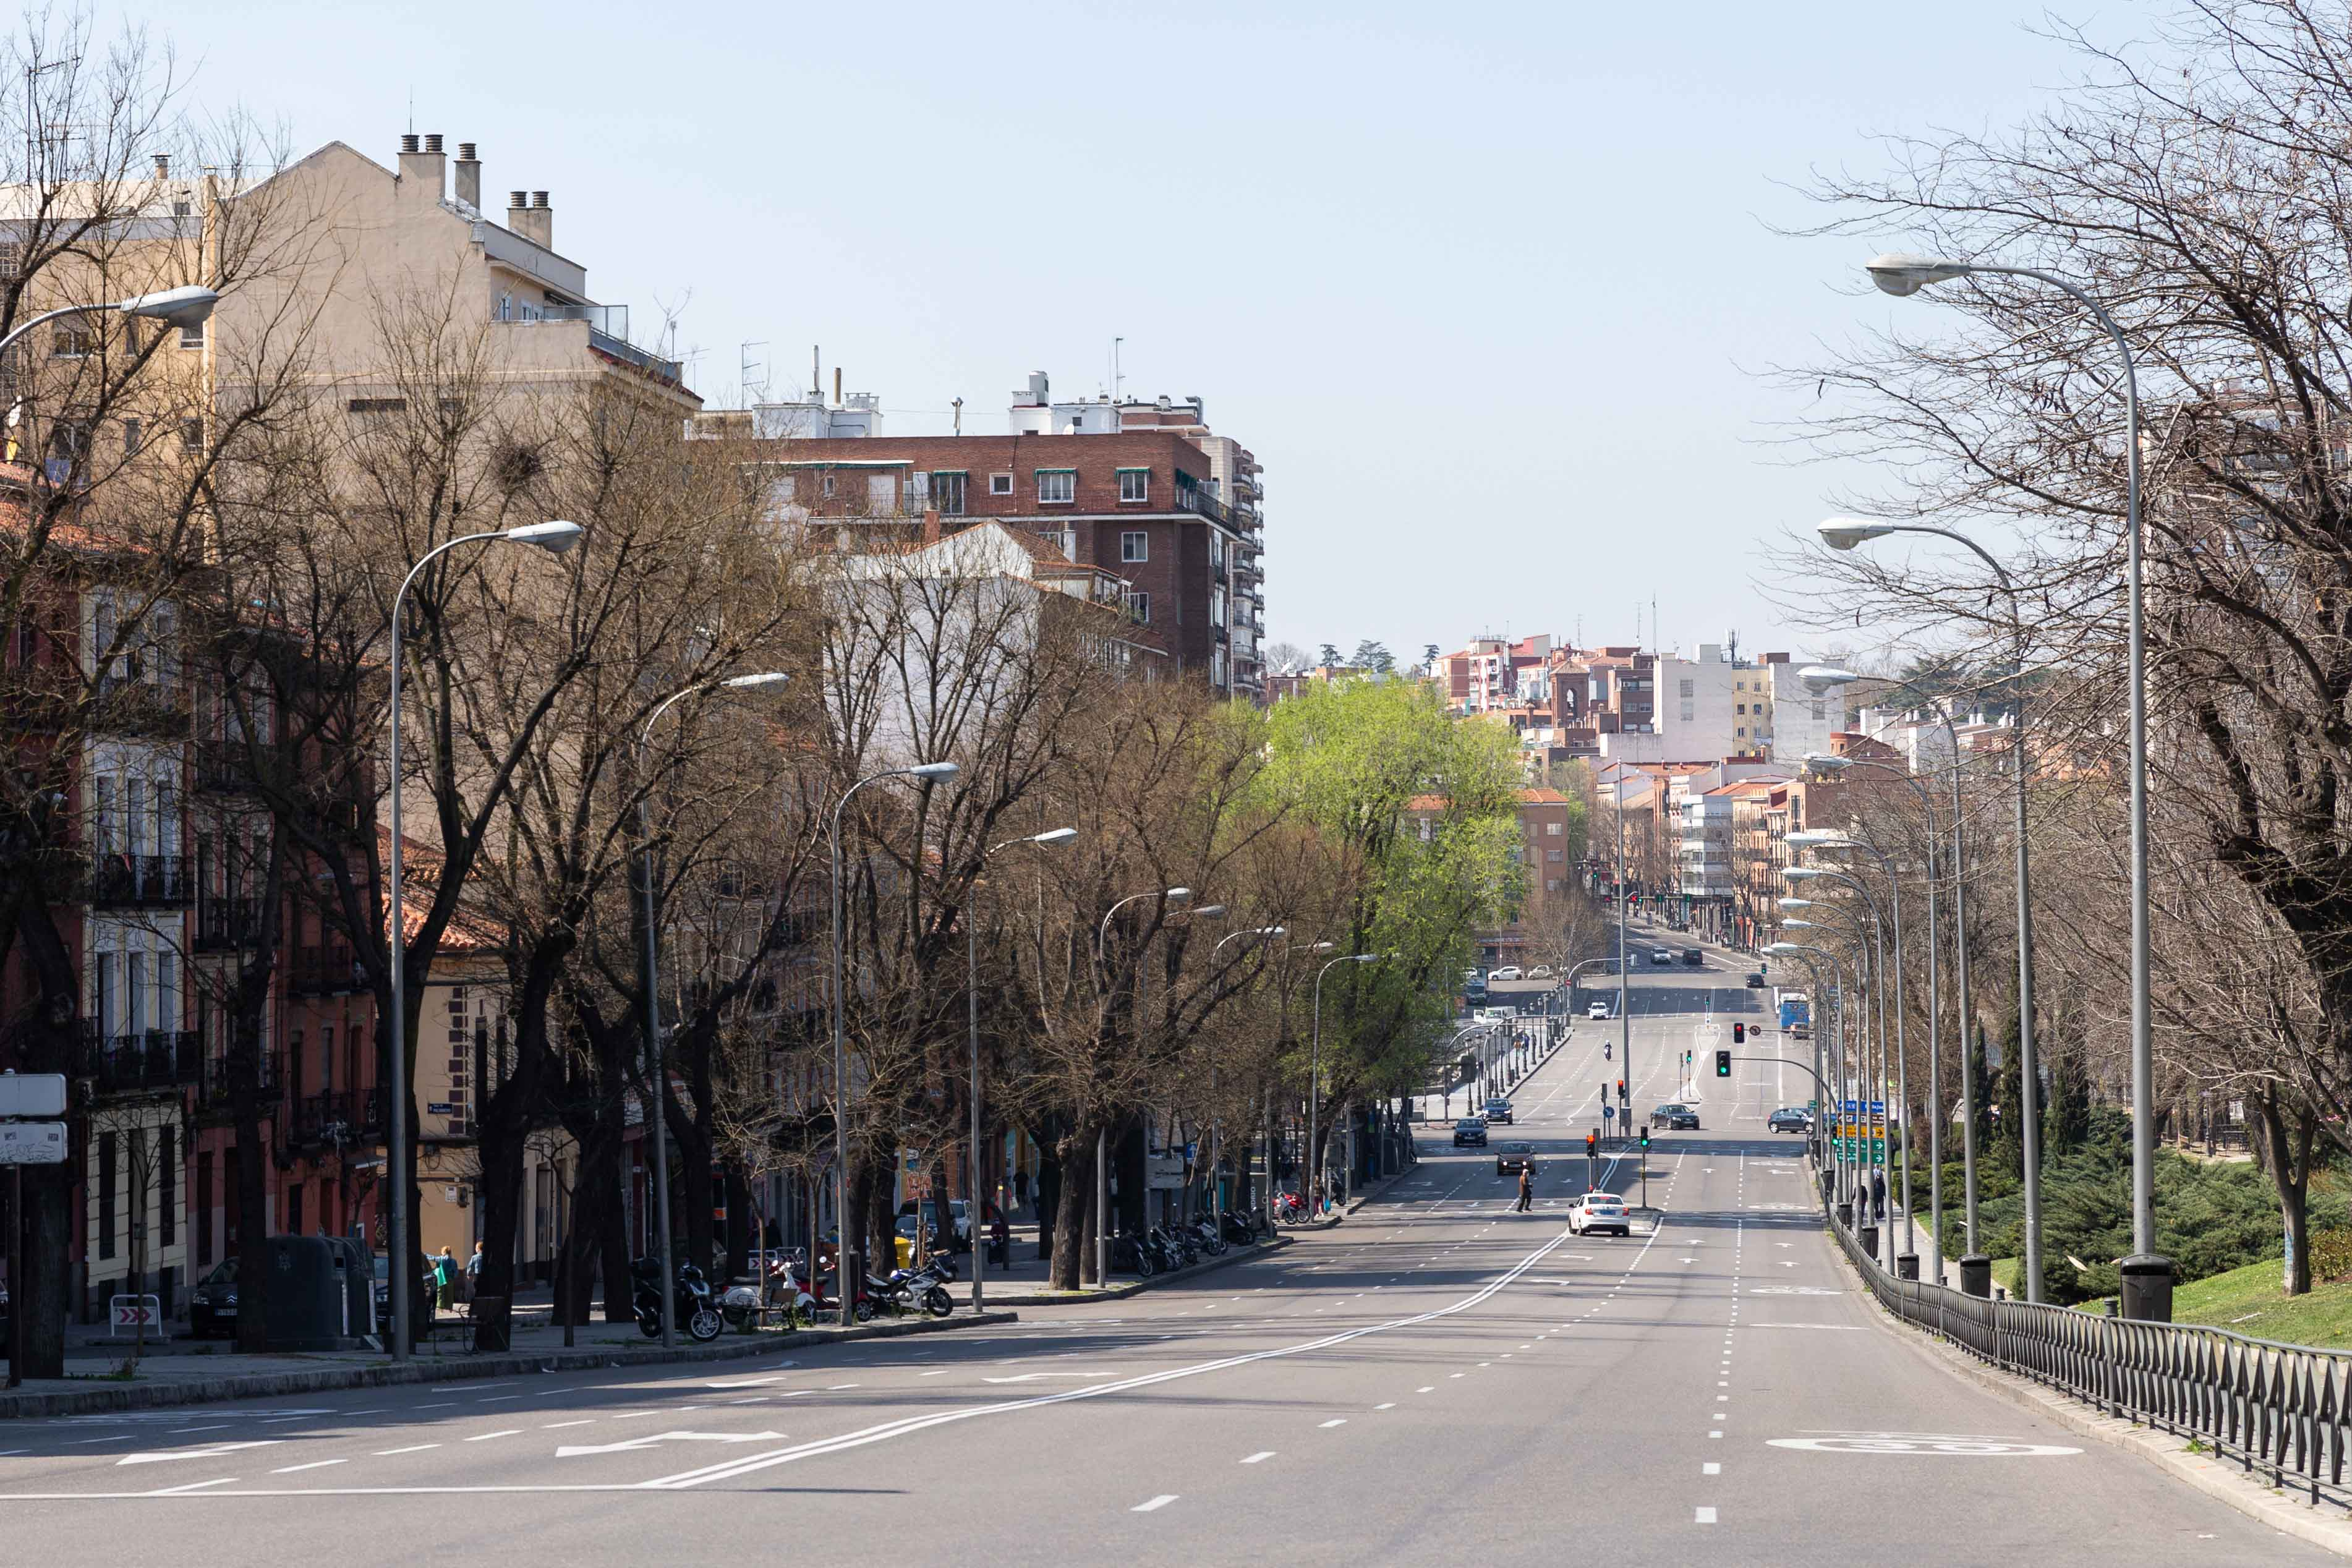 Madrid, la mañana del domingo 15 de marzo, primer día tras el decreto de alarma en España por el coronavirus.